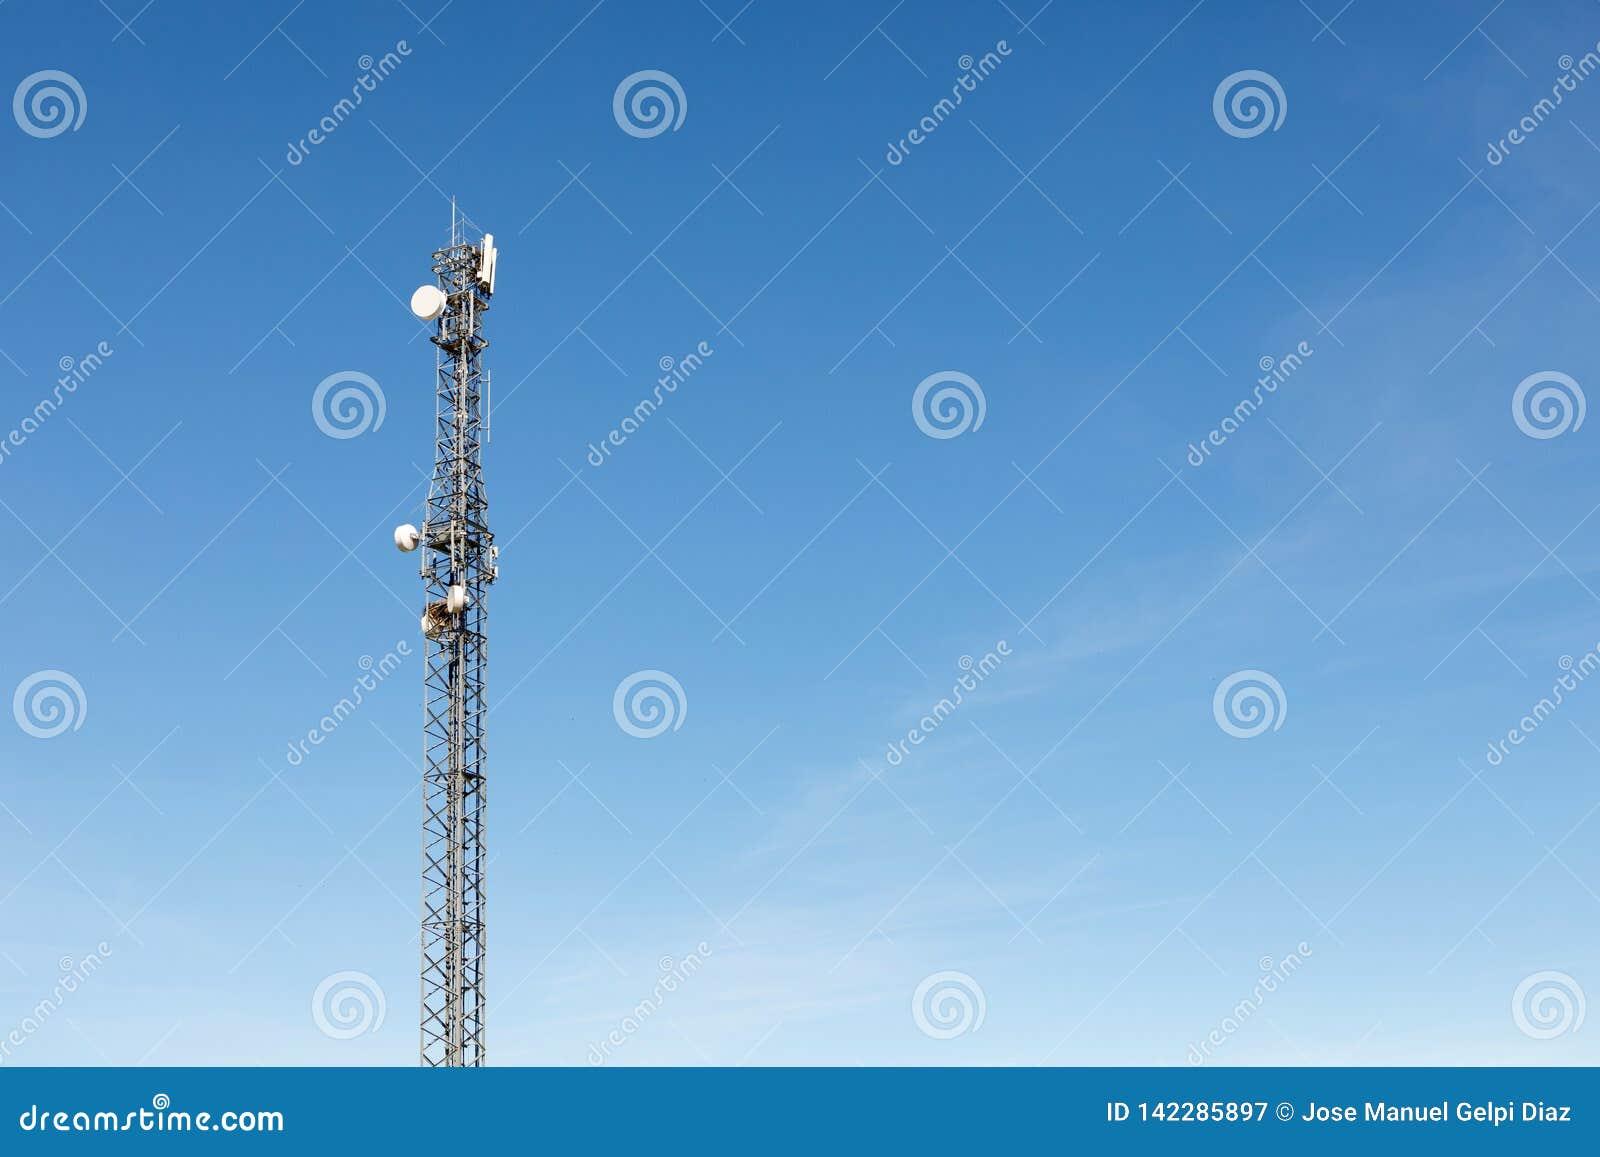 Πύργος κεραιών για την επικοινωνία